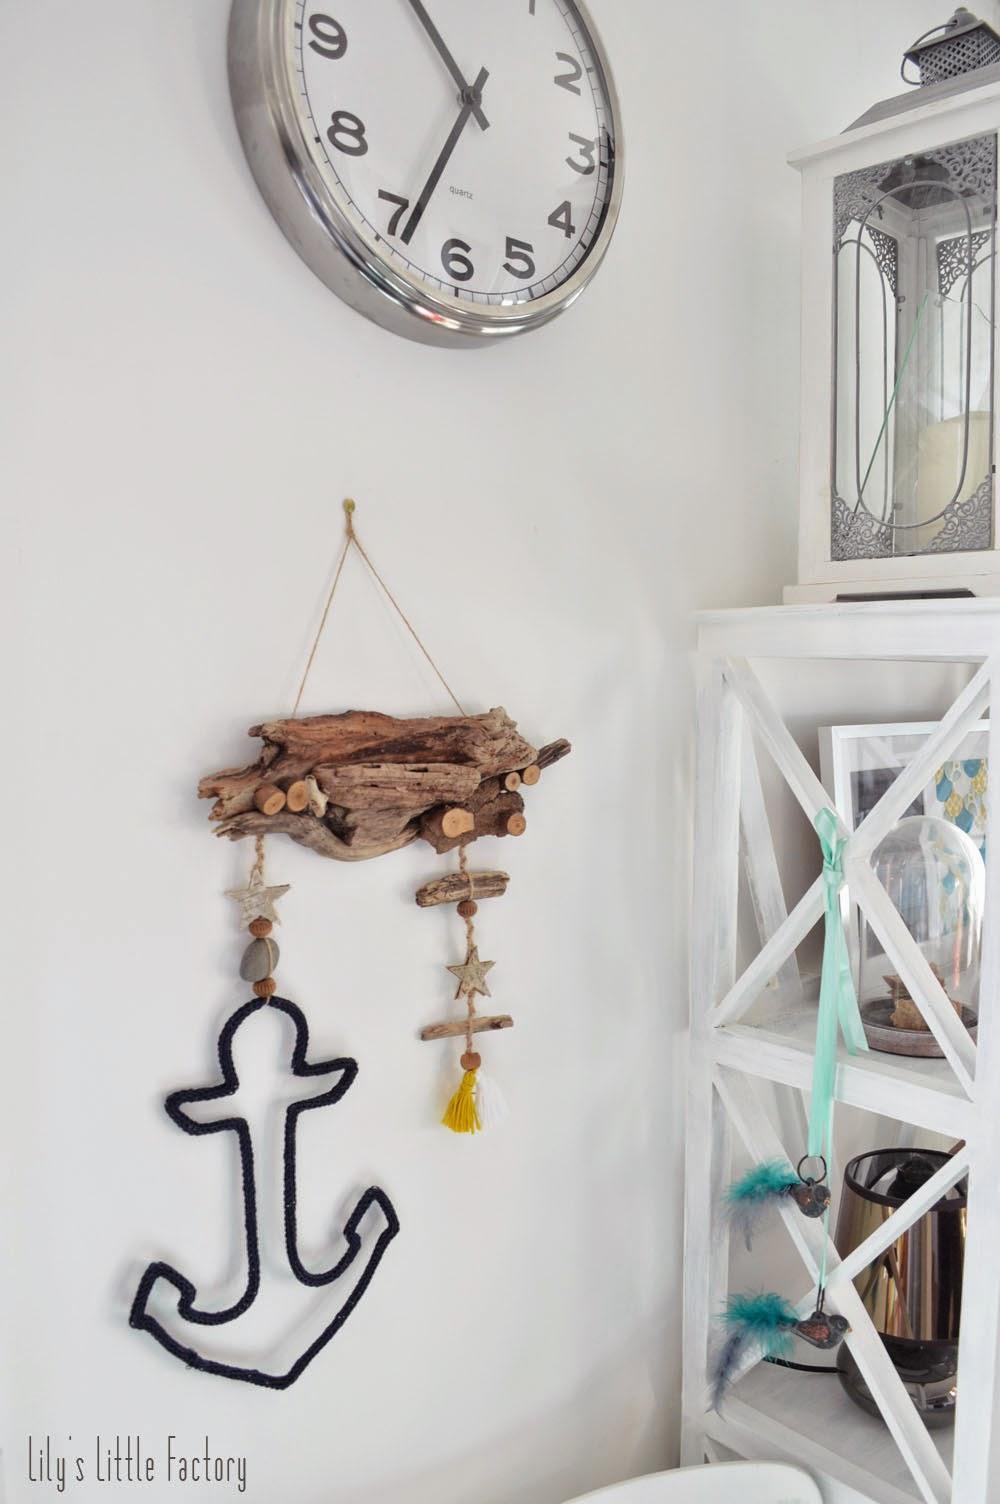 Deuxi me etage porte du milieu mon appart 1 lily 39 s little factory blog diy bretagne - Cadre photo la foir fouille ...